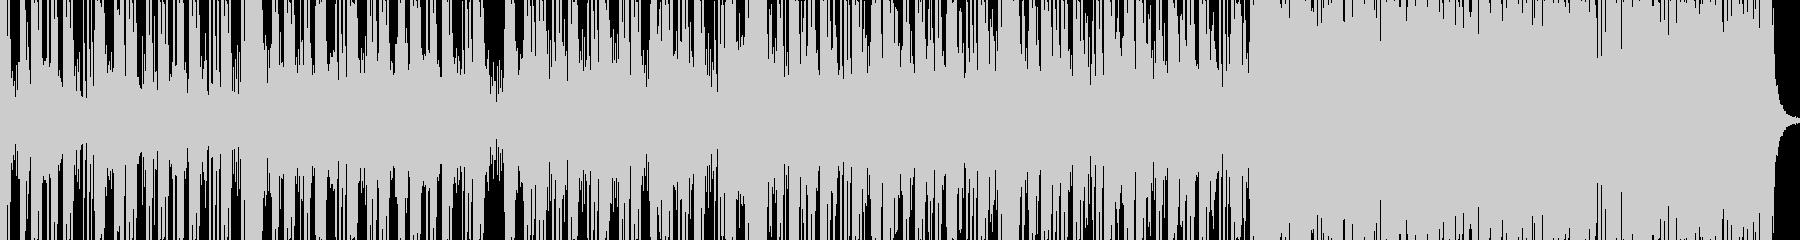 ロックに仕上げたカッコイイに分類される…の未再生の波形